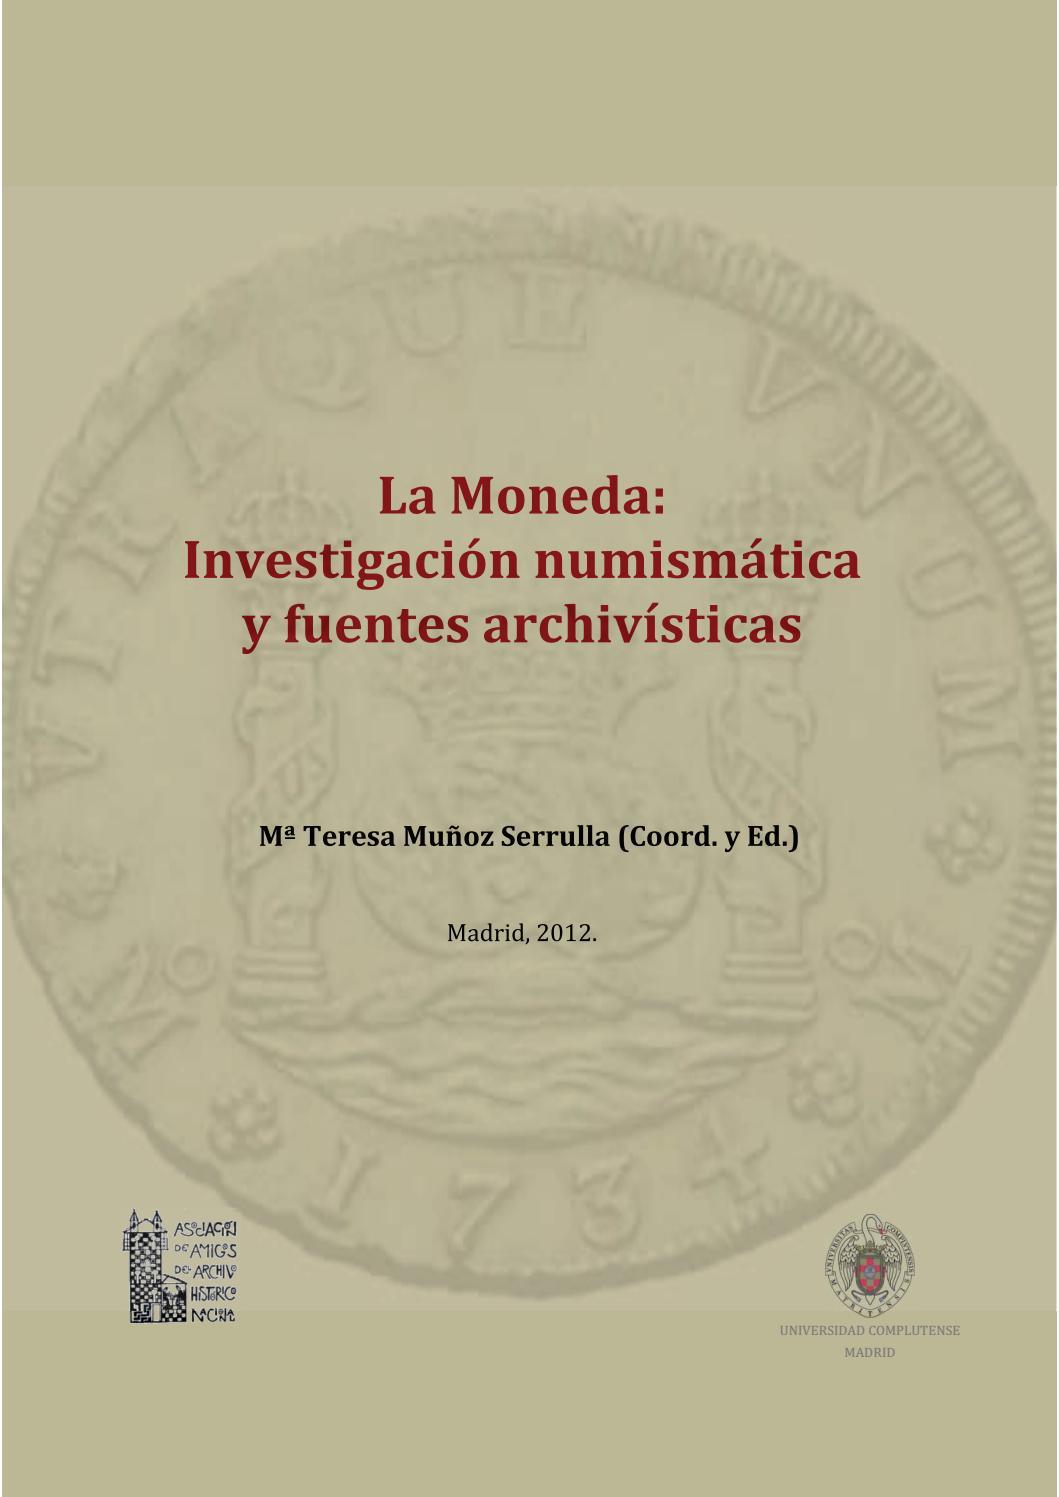 Muebles Semper Calatayud - La Moneda Investigaci N Numosm Tica Y Fuentes Archiv Sticas By [mjhdah]https://image.isu.pub/131126191211-428f4ab443336805174b3f13b3638c4d/jpg/page_1.jpg